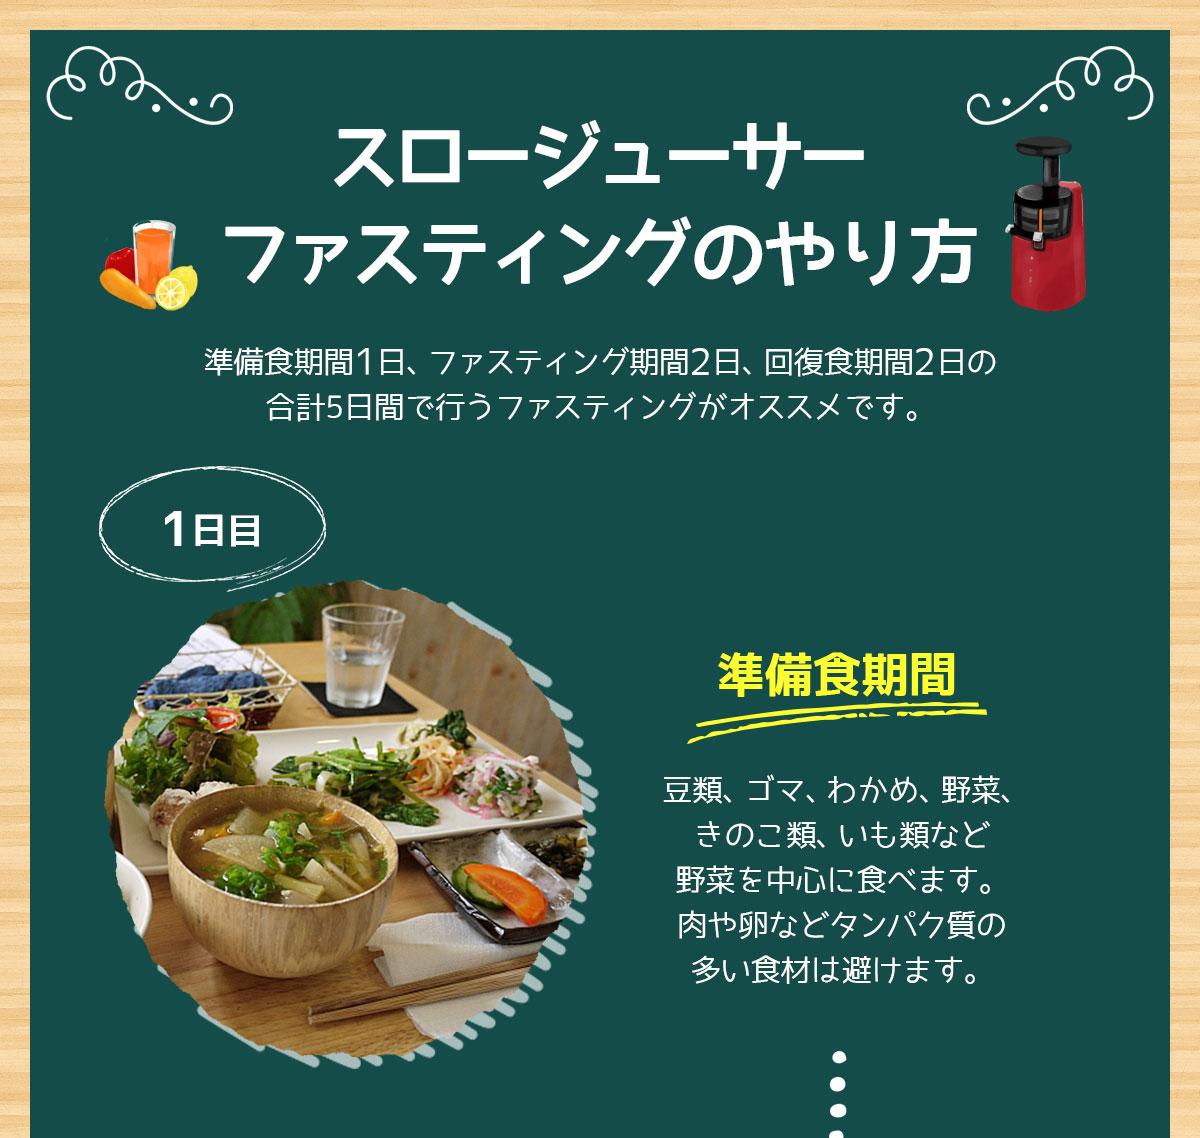 スロージューサーファスティングのやり方 1日目:準備食期間(豆類、ゴマ、わかめ、野菜、きのこ類、いも類など野菜を中心に食べます。肉や卵などタンパク質の多い食材は避けます。)